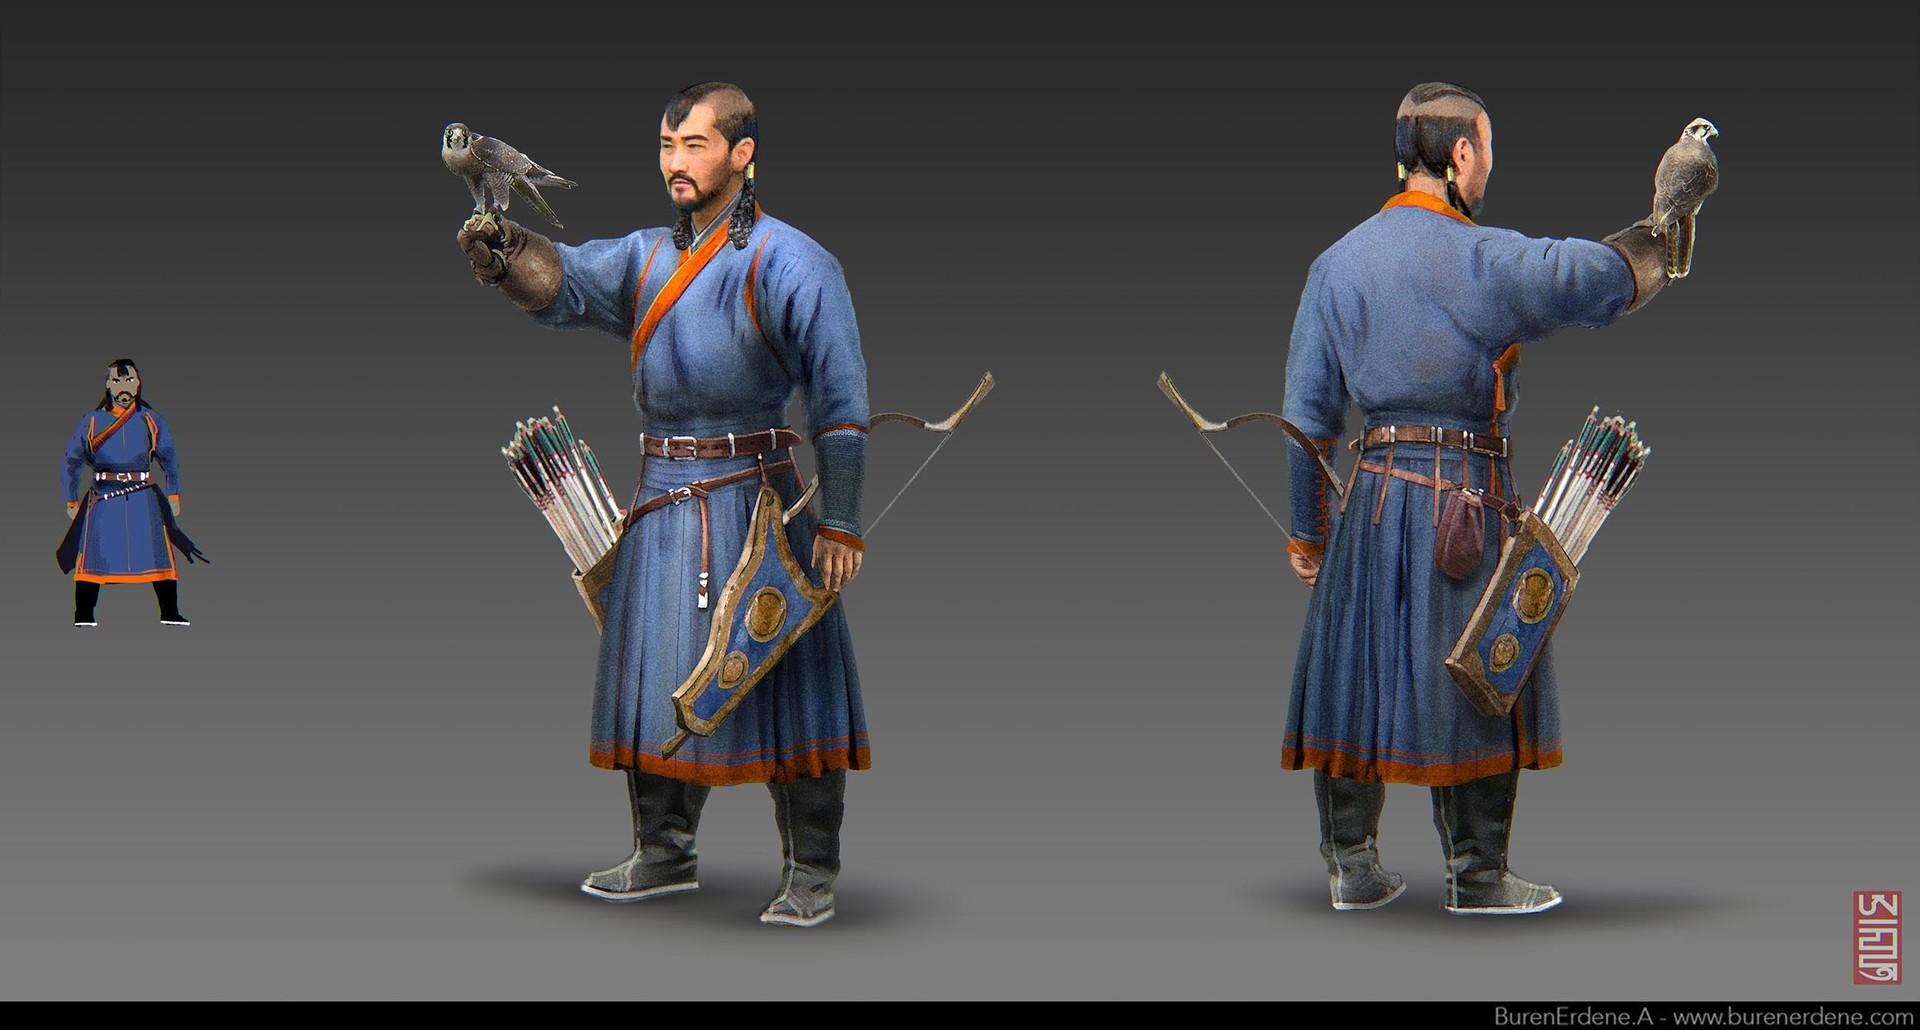 burenerdene-altankhuyag-mongol-men6.jpg?